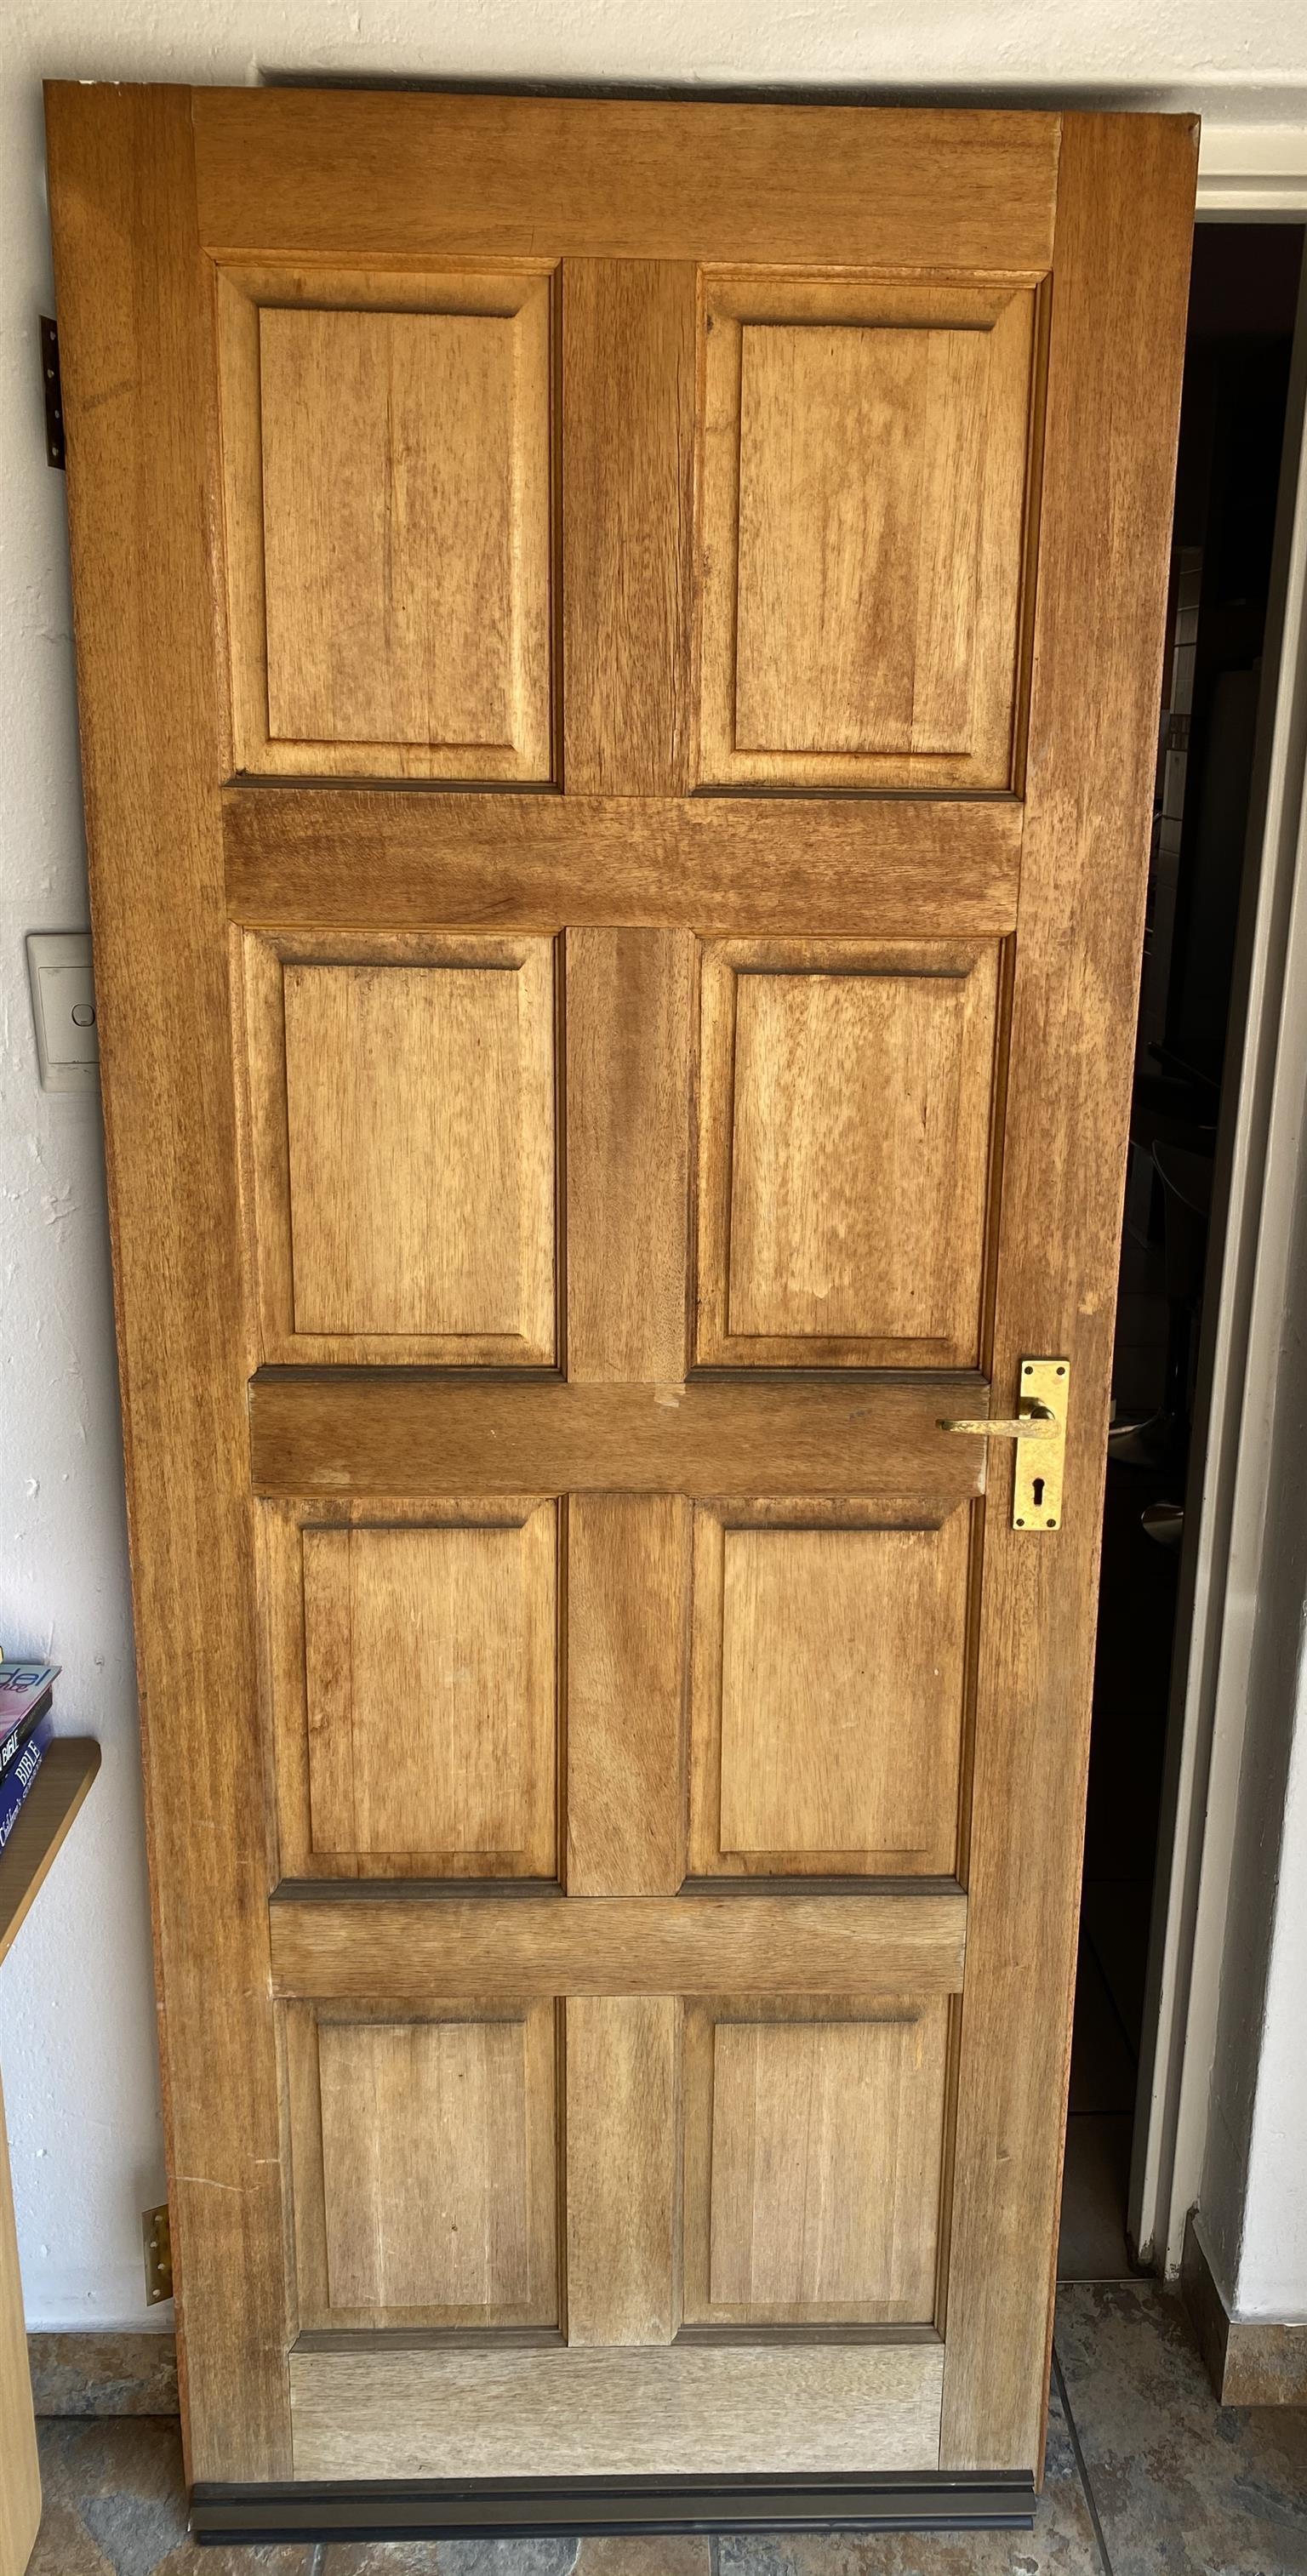 8 panel wooden door